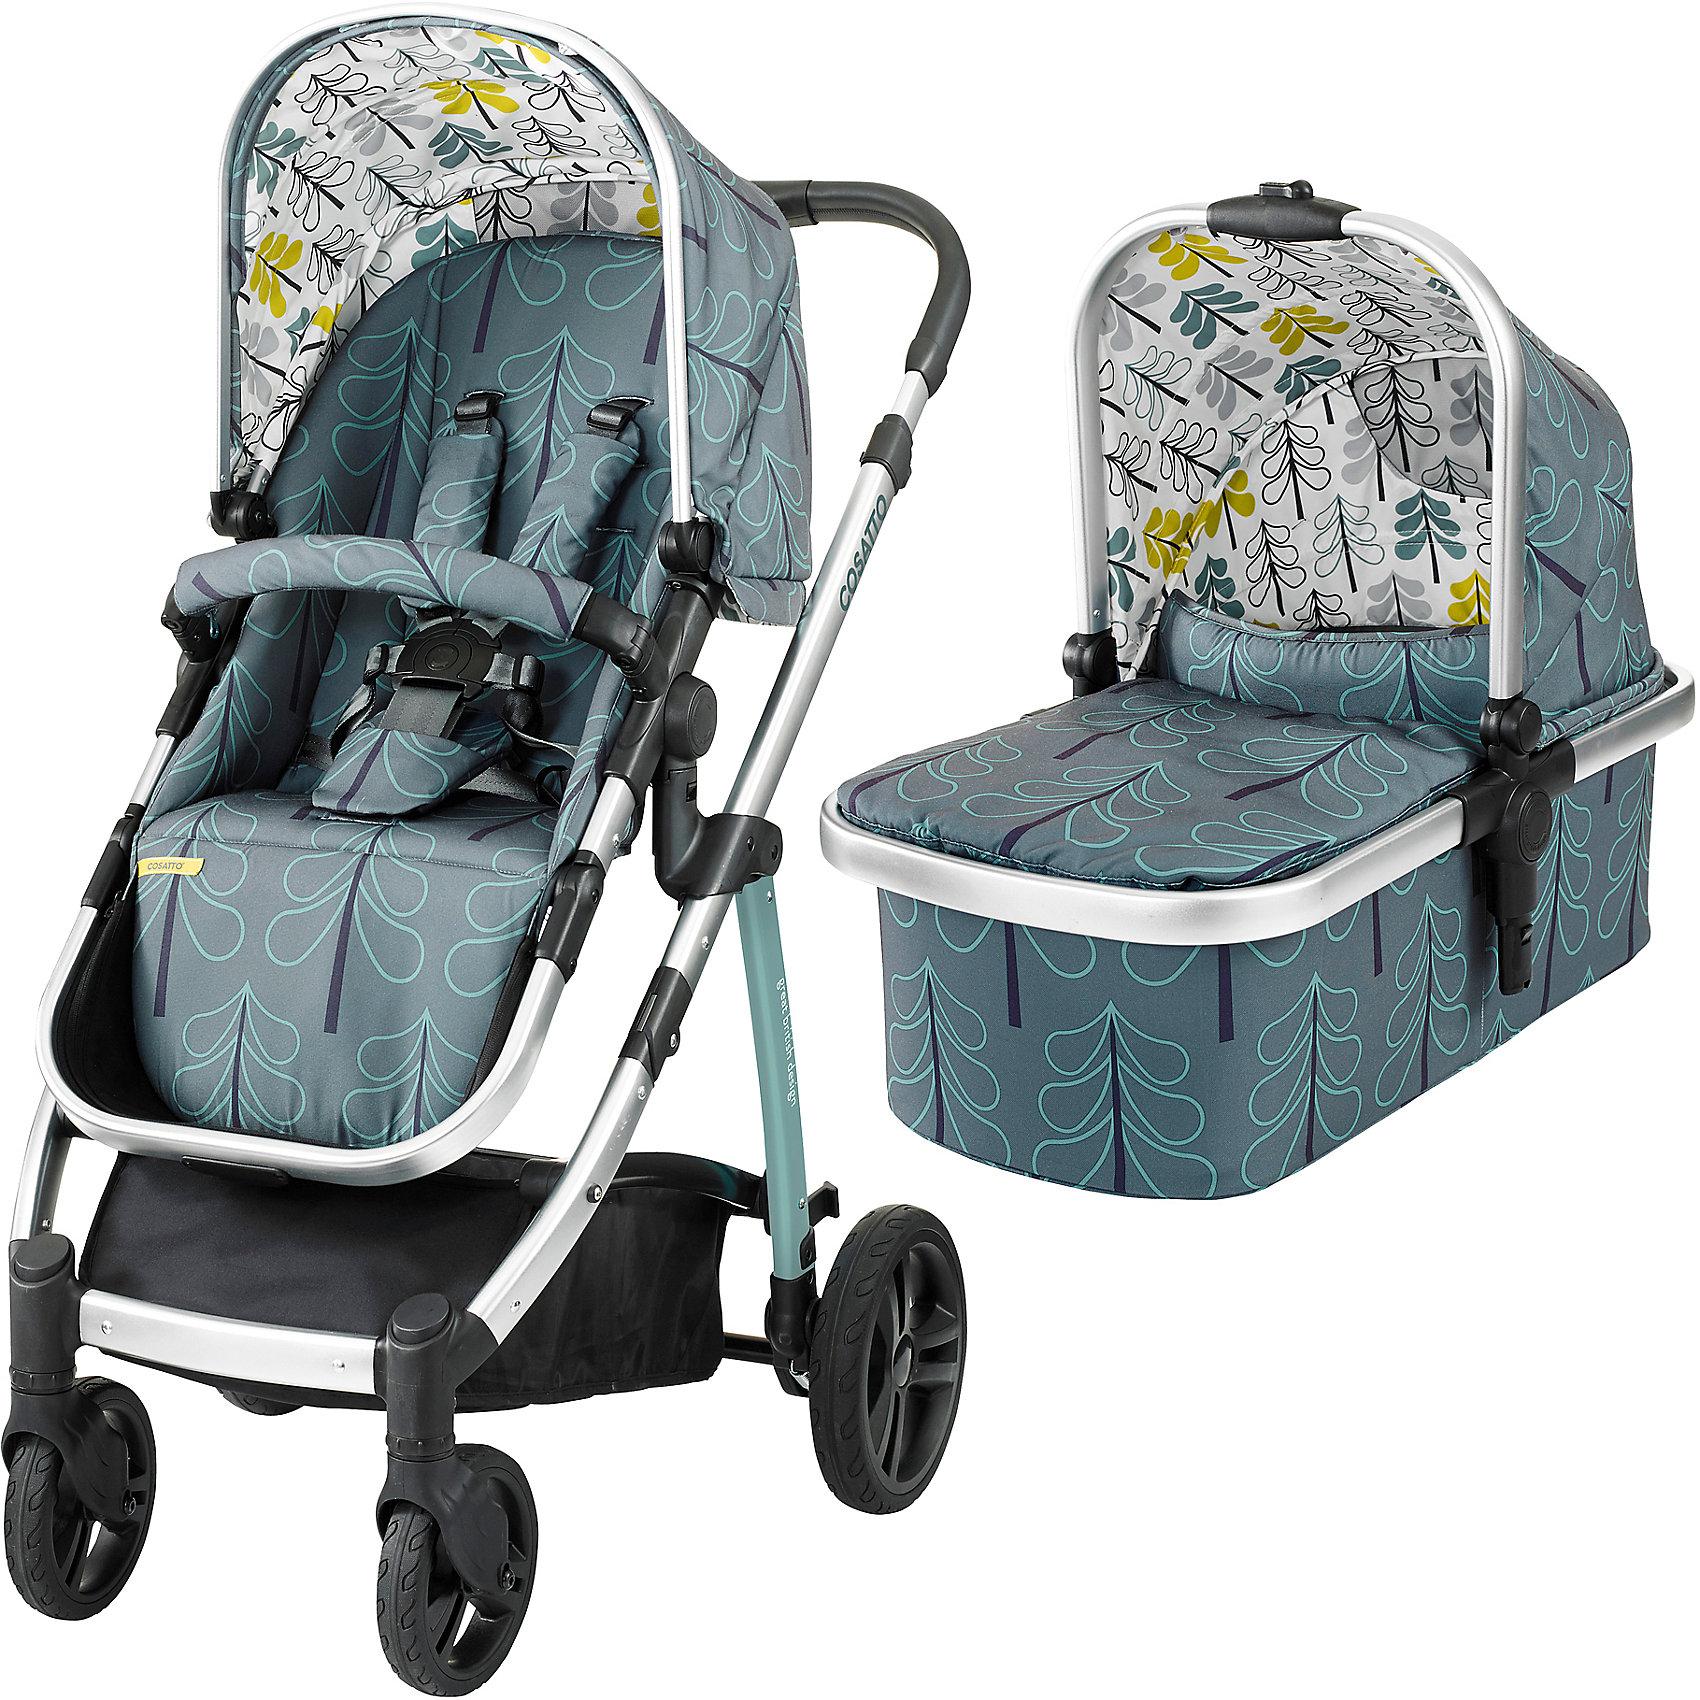 Коляска 2 в 1 Cosatto Wow, FjordКоляски 2 в 1<br>Рады представить Вам модульную коляску 2017 года Cosatto WOW. Для прогулок с новорожденным предусмотрена комфортная люлька с теплой накидкой и мягким матрасиком. Для ребенка постарше на шасси устанавливается прогулочное сиденье. Если малыш захочет поспать прямо во время путешествия, сиденье легко можно перевести в специальное положение для отдыха.<br><br>Коляской легко и приятно управлять благодаря вращающимся передним колесам, а амортизация обеспечивает плавный ход на любой местности.<br><br>Характеристики:<br><br>    Для детей с рождения (люлька) до 4 лет (прогулочный блок), весом до 15 кг<br>    Комфортное сиденье может быть установлено лицом к маме либо по ходу движения<br>    Капюшон с выдвижным солнцезащитным козырьком<br>    Петли для игрушек, расположенные на капюшоне<br>    5-точечные ремни безопасности с мягкими накладками<br>    Съемный бампер-ограничитель, обитый тканью<br>    Телескопическая ручка с обивкой из кожзаменителя, регулируется по высоте<br>    Резиновые колеса повышенной проходимости<br>    Передние колеса - поворотные, оснащены фиксаторами<br>    Амортизация на всех колесах<br>    Легкая алюминиевая рама<br>    Большая корзина для покупок с удобными отделениями<br>    Возможность установки на шасси коляски автокресла Cosatto Port группы 0+ (приобретается дополнительно)<br>    В комплекте: шасси, люлька, прогулочный блок, дождевик<br><br>Люлька:<br><br>    Для детей с рождения до 6 месяцев<br>    Комфортный матрасик<br>    Съемный моющийся вкладыш<br>    Удобная ручка для переноски<br><br>Размеры:<br><br>Коляска в разложенном виде (Ш х Д х В), см: 58 х 89 х 96-109<br><br>Коляска в сложенном виде (Ш х Д х В), см: 58 х 82 х 31<br><br>Люльки внутри (Ш х Д х В), см: 30 х 67 х 20<br><br>Ширина прогулочного сиденья: 31 см<br><br>Глубина сиденья: 21 см<br><br>Длина спинки сиденья: 47 см<br><br>Длина подножки: 22 см<br><br>Диаметр передних колес: 17 см<br><br>Диаметр задних колес: 23,5 см<br><br>Вес:<b